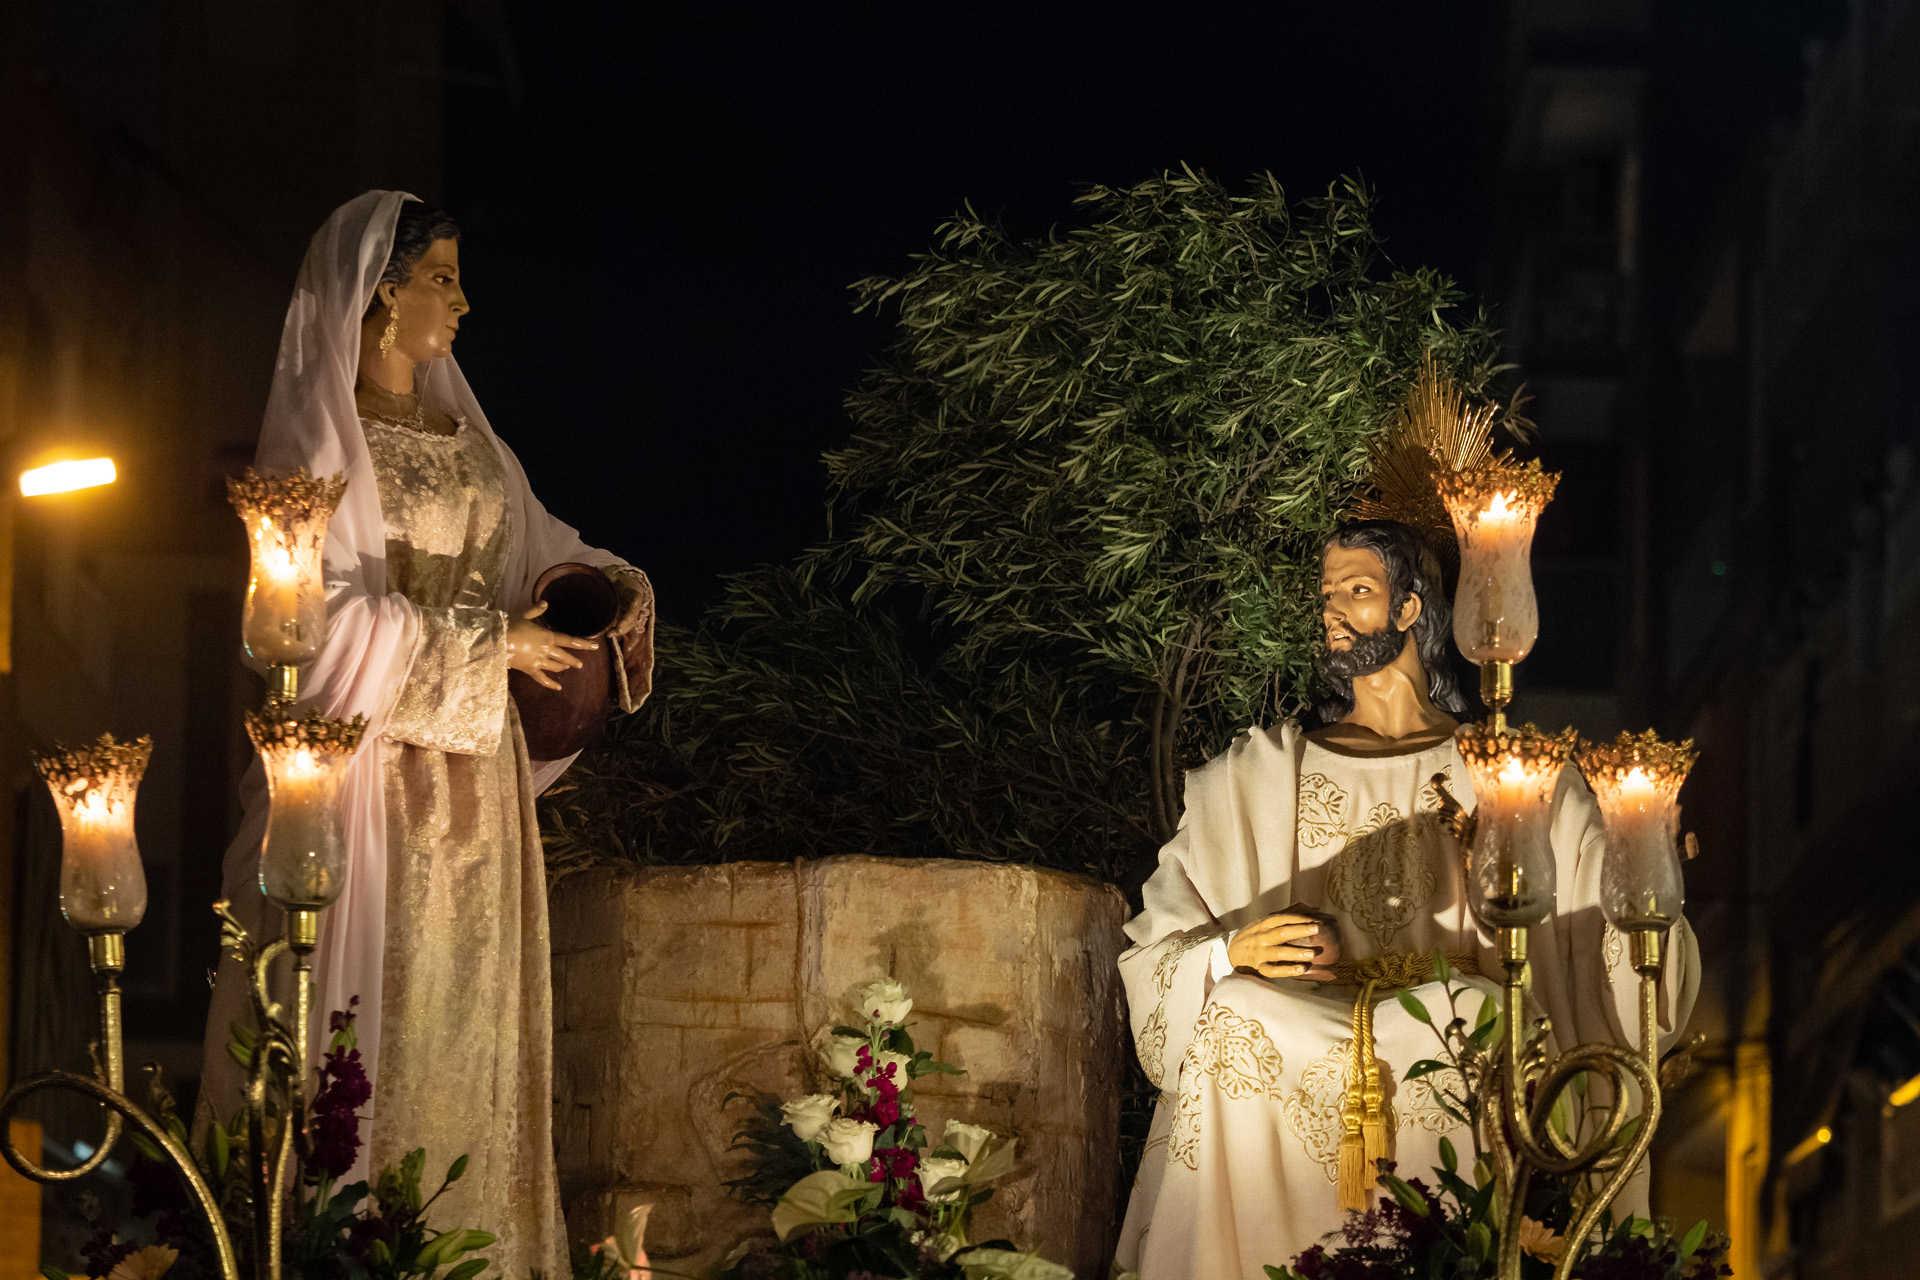 Festivité de Pâques